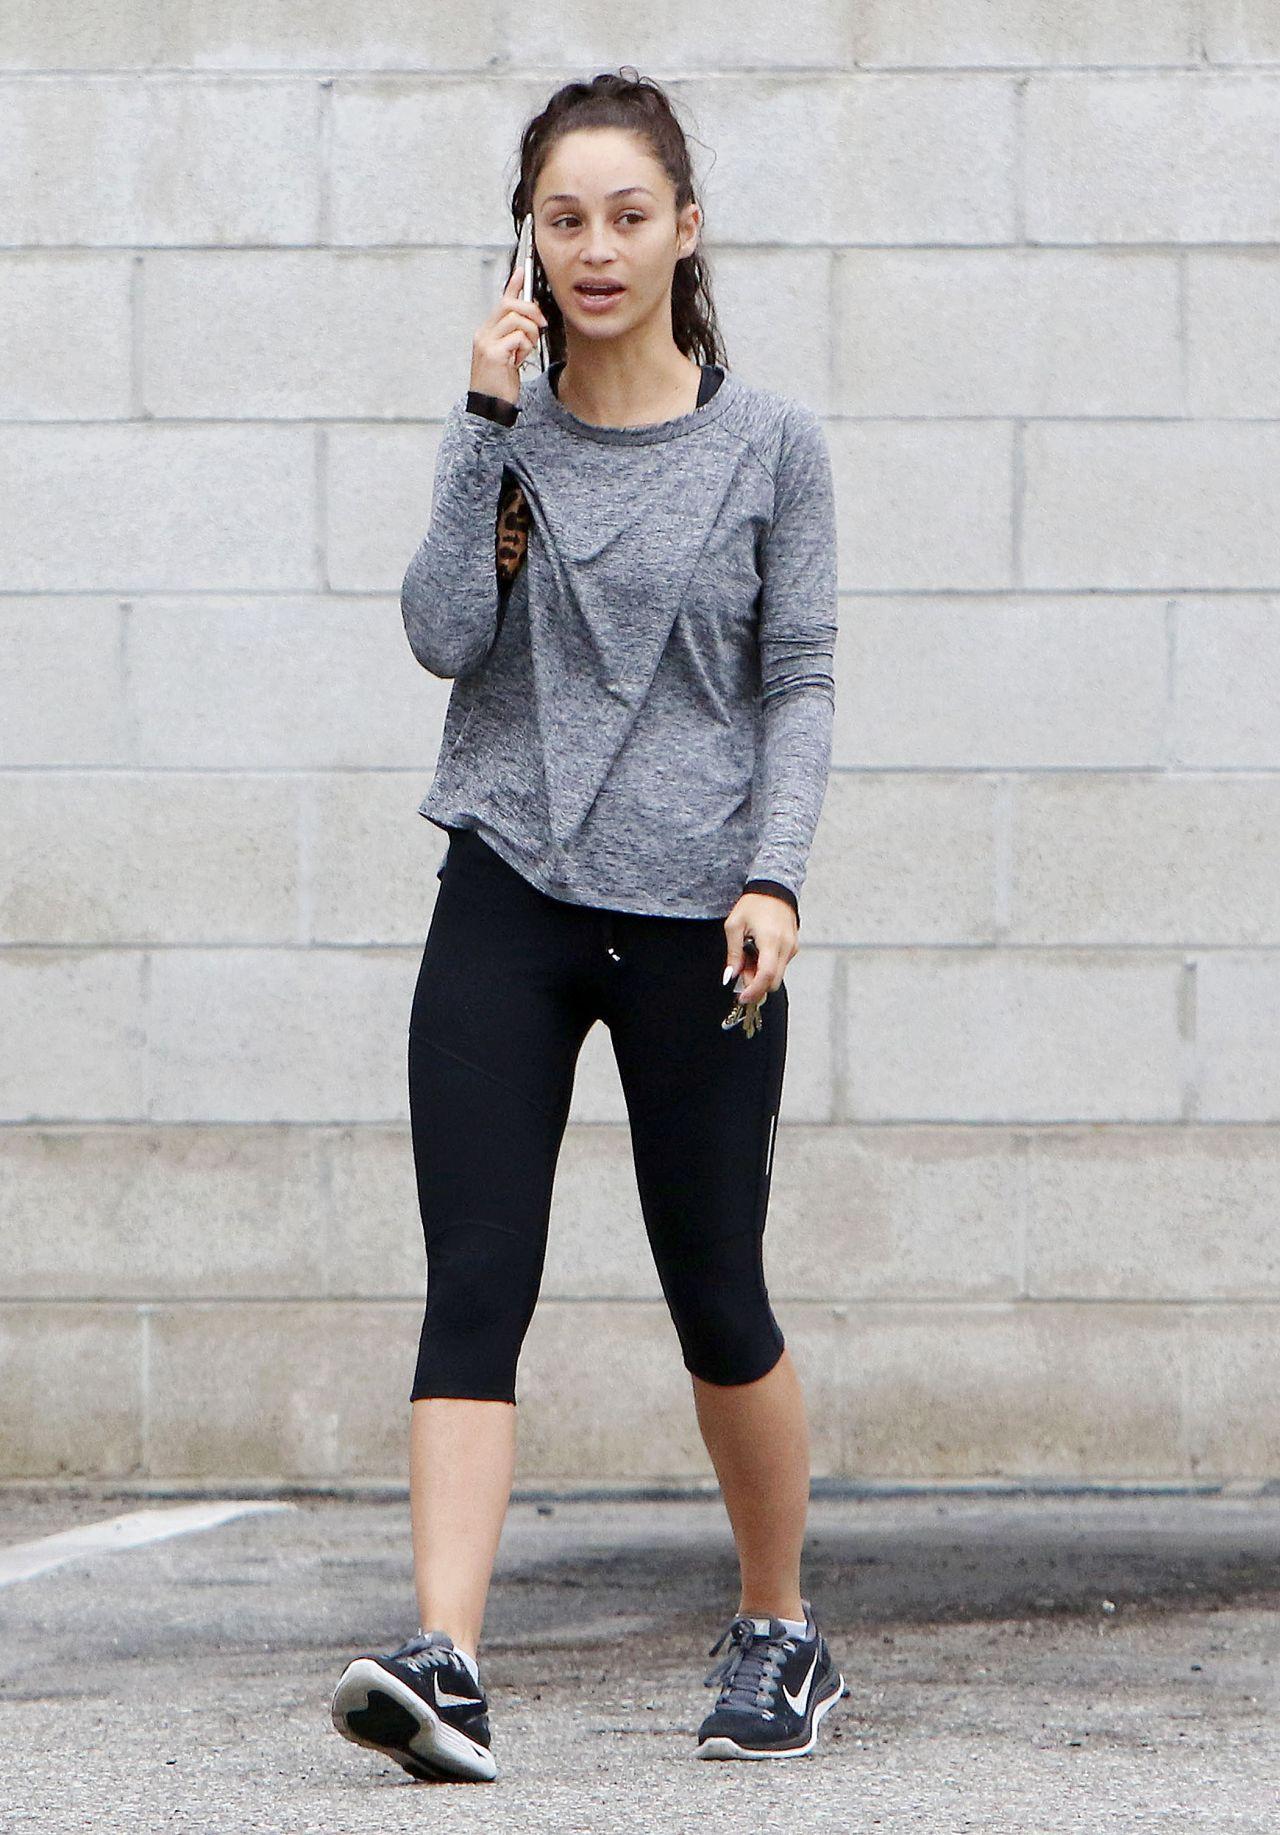 Cara Santana in Leggings - Leaving a Gym in Los Angeles ...